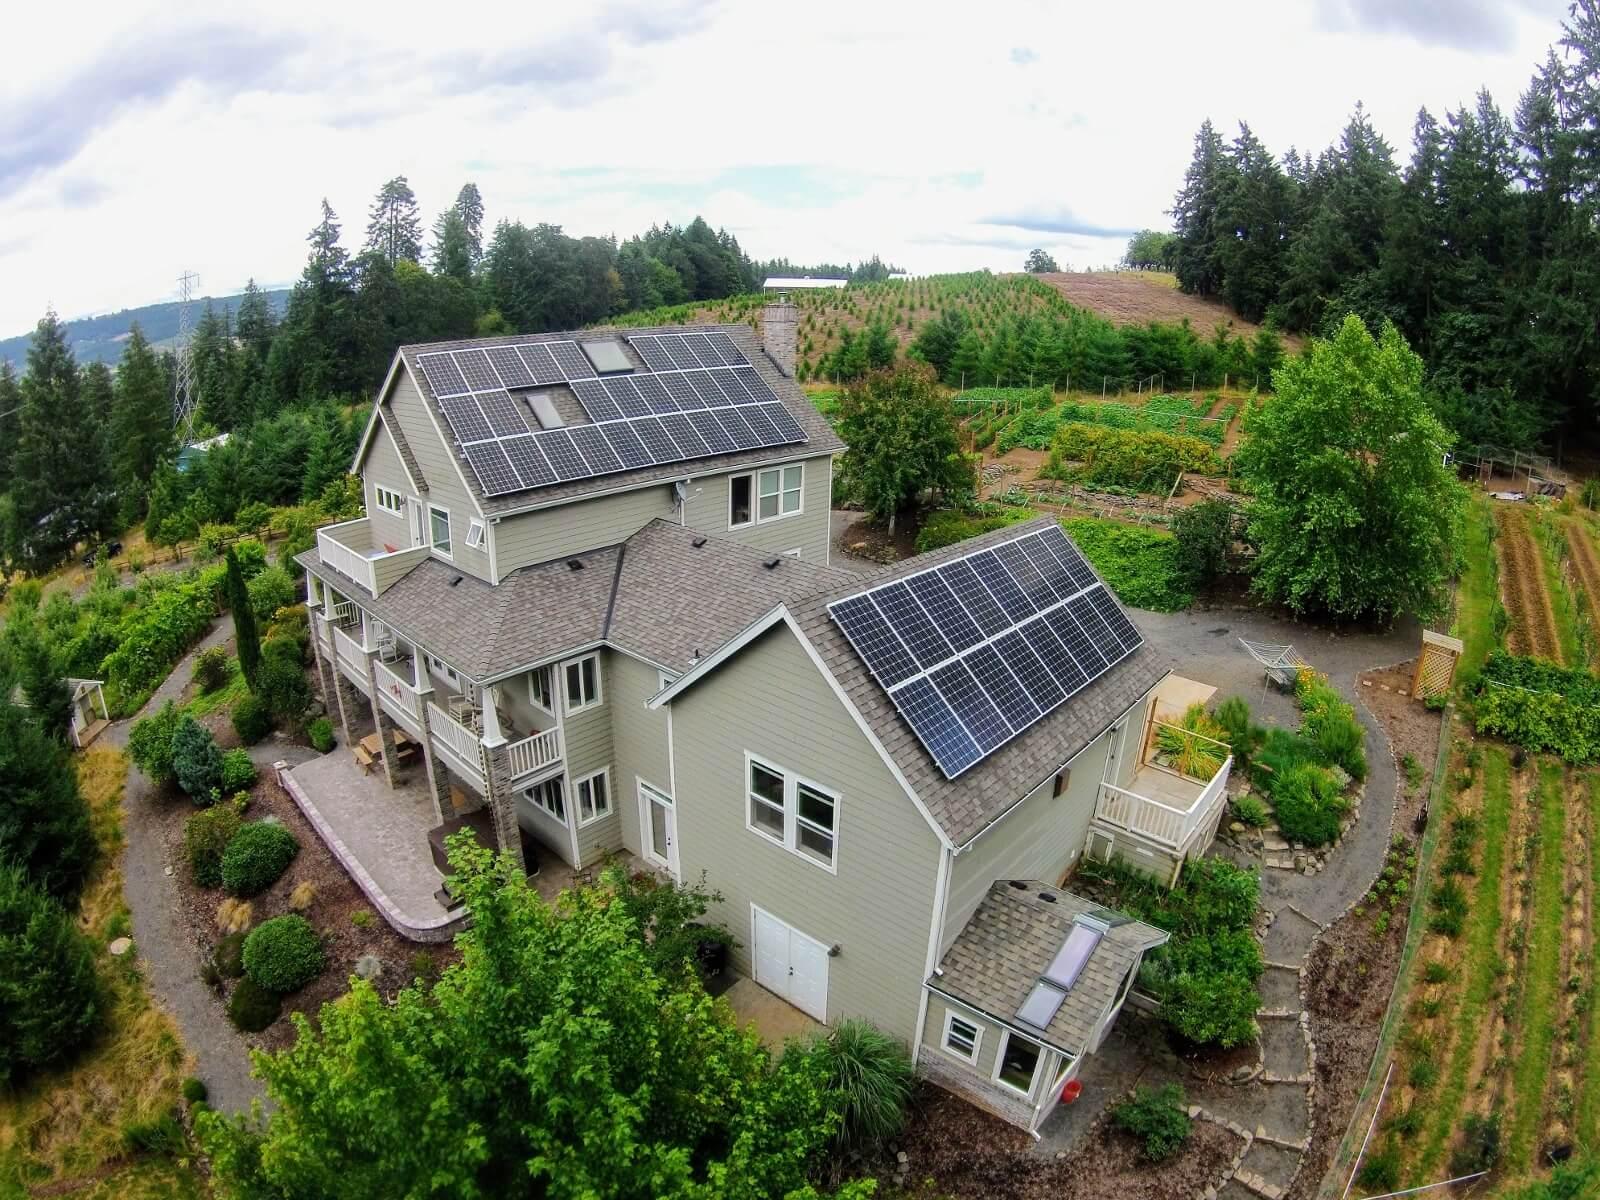 residential solar panel home.jpeg